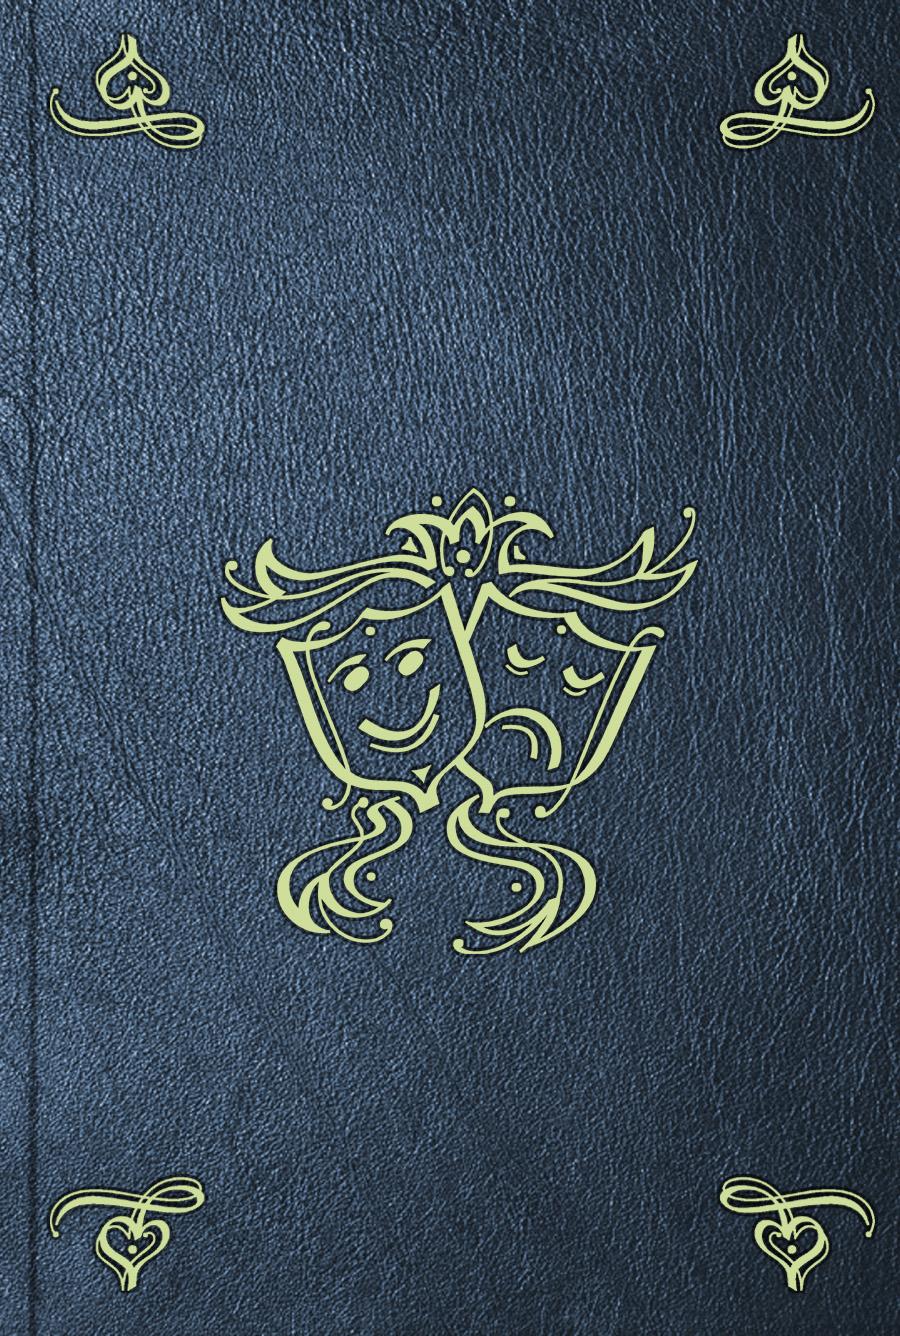 Eugène Scribe Théatre de Eugène Scribe. T. 4 eugène emmanuel viollet le duc la cite de carcassonne aude french edition